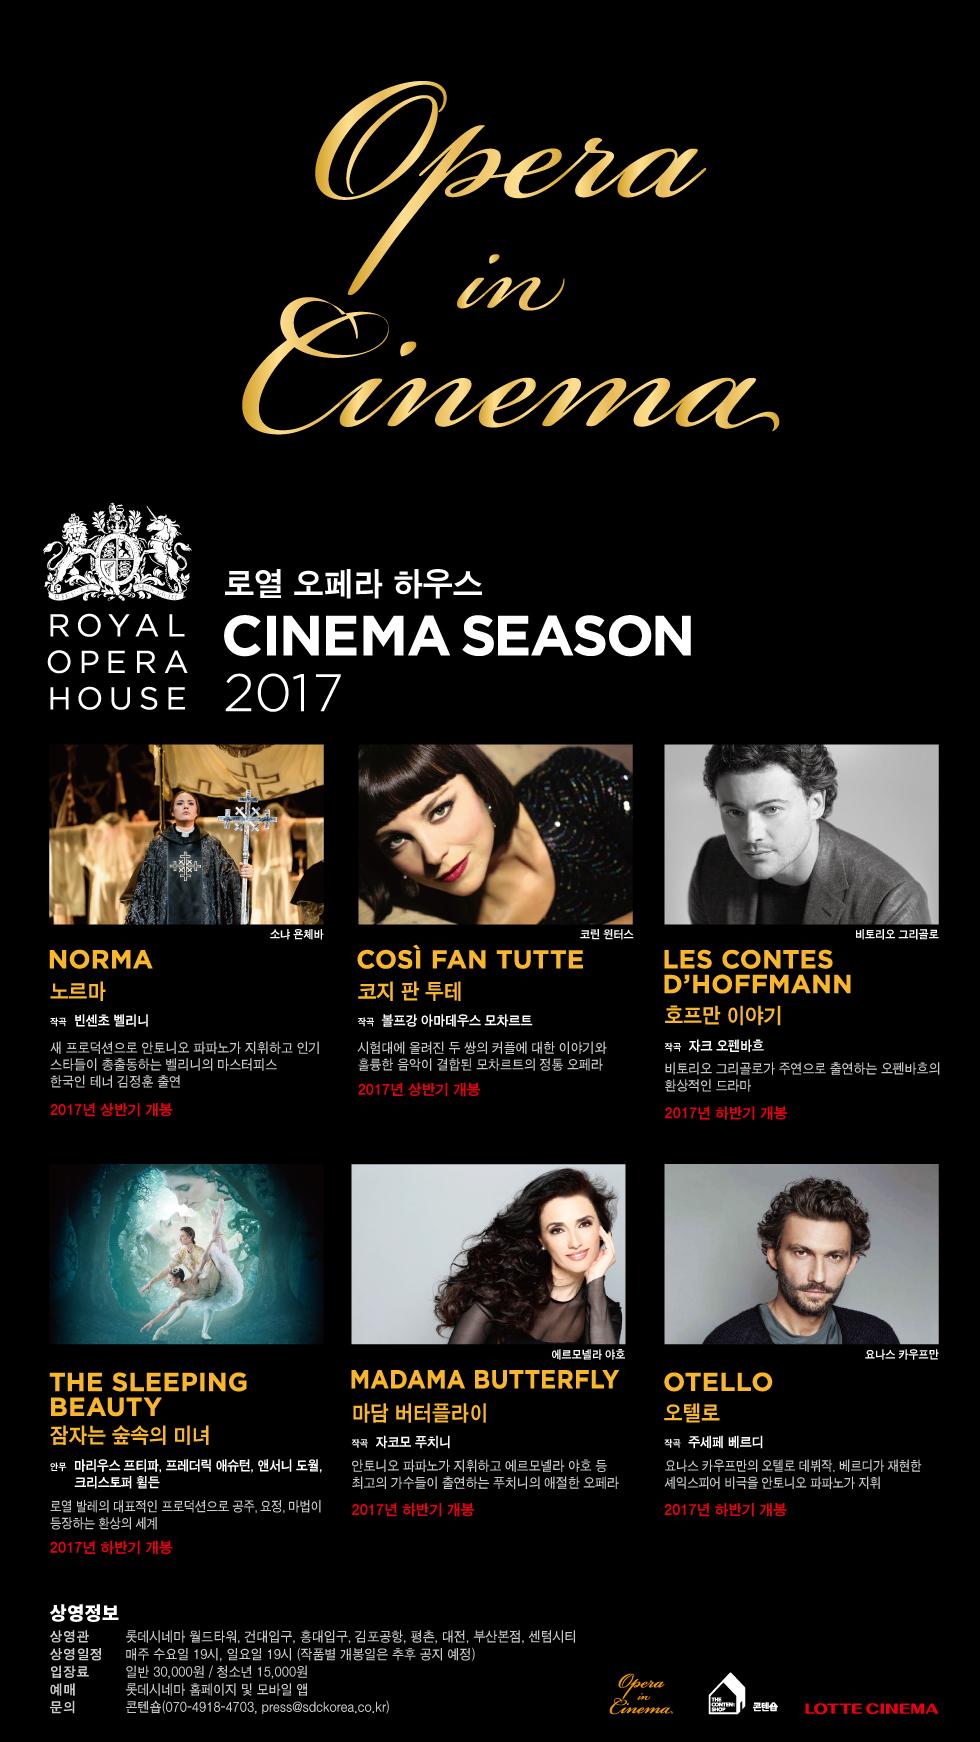 로열 오페라 하우스 CINEMA SEASON 2017 대체 텍스트